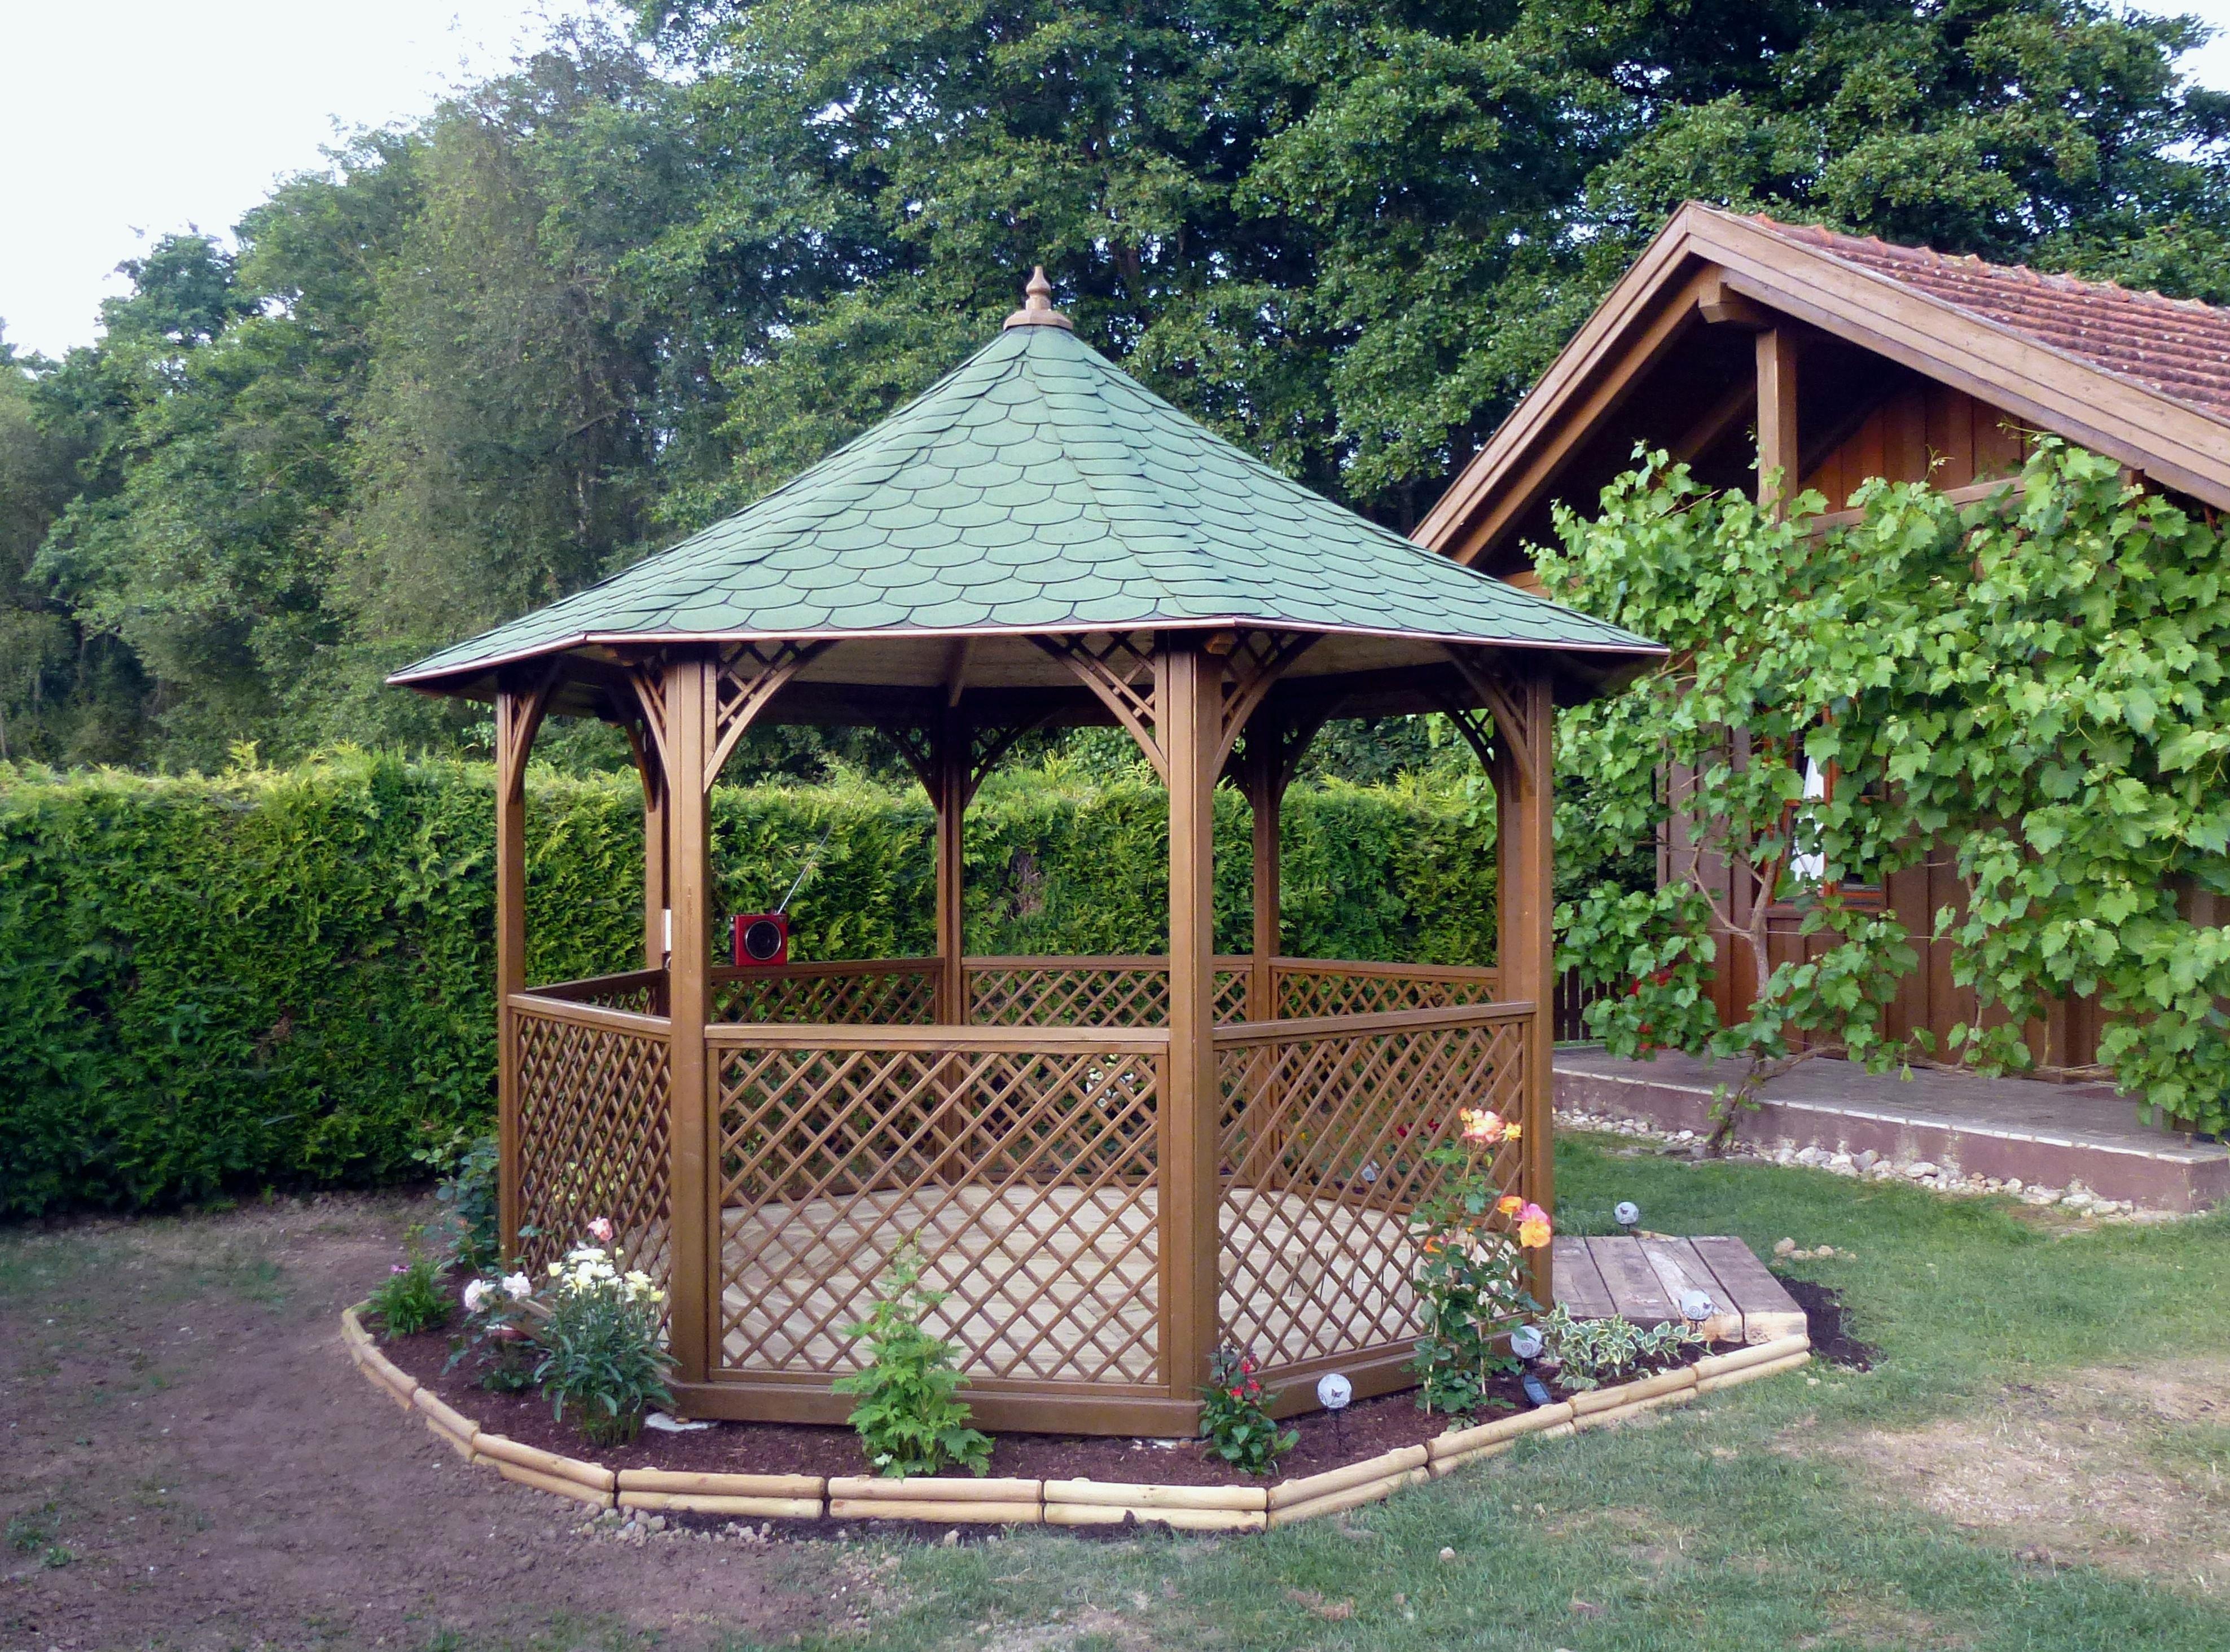 Dalles Jardin Castorama Meilleur De Photos Cabane De Jardin Castorama Pour Regard solennel Abri De Jardin Pvc